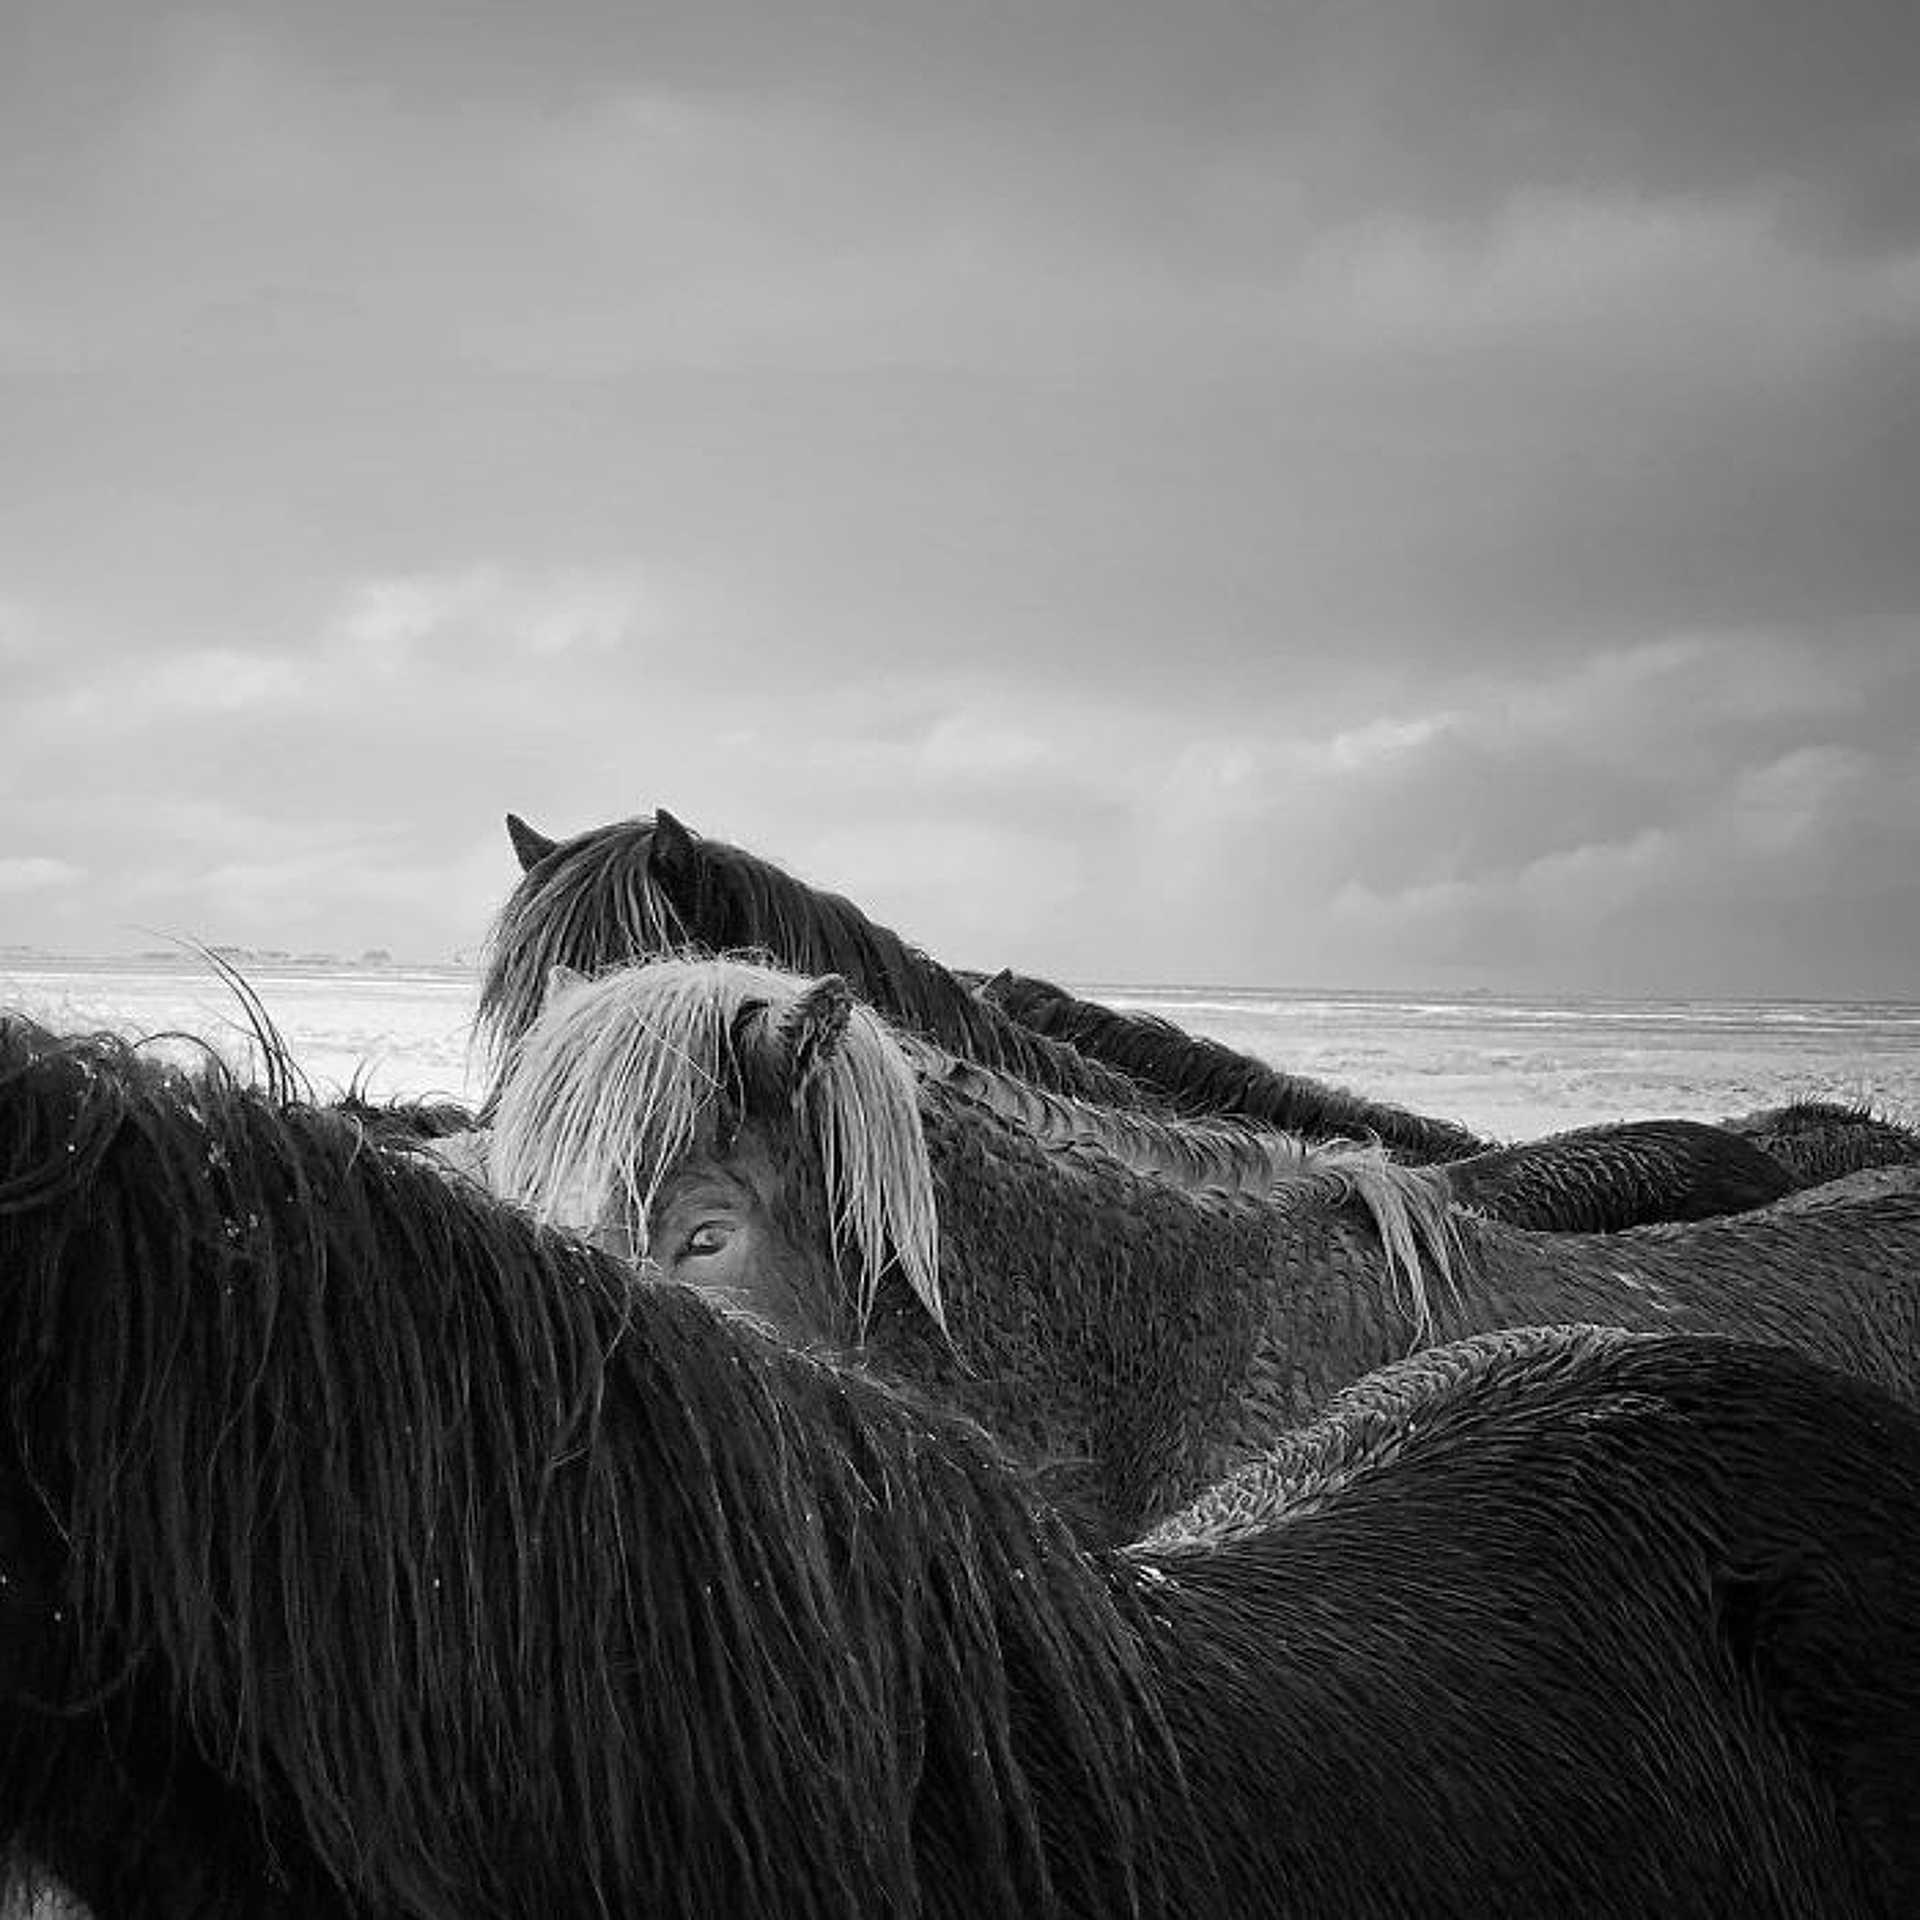 Állatok - Xiaojun Zhang: 'Horses In The Storm'